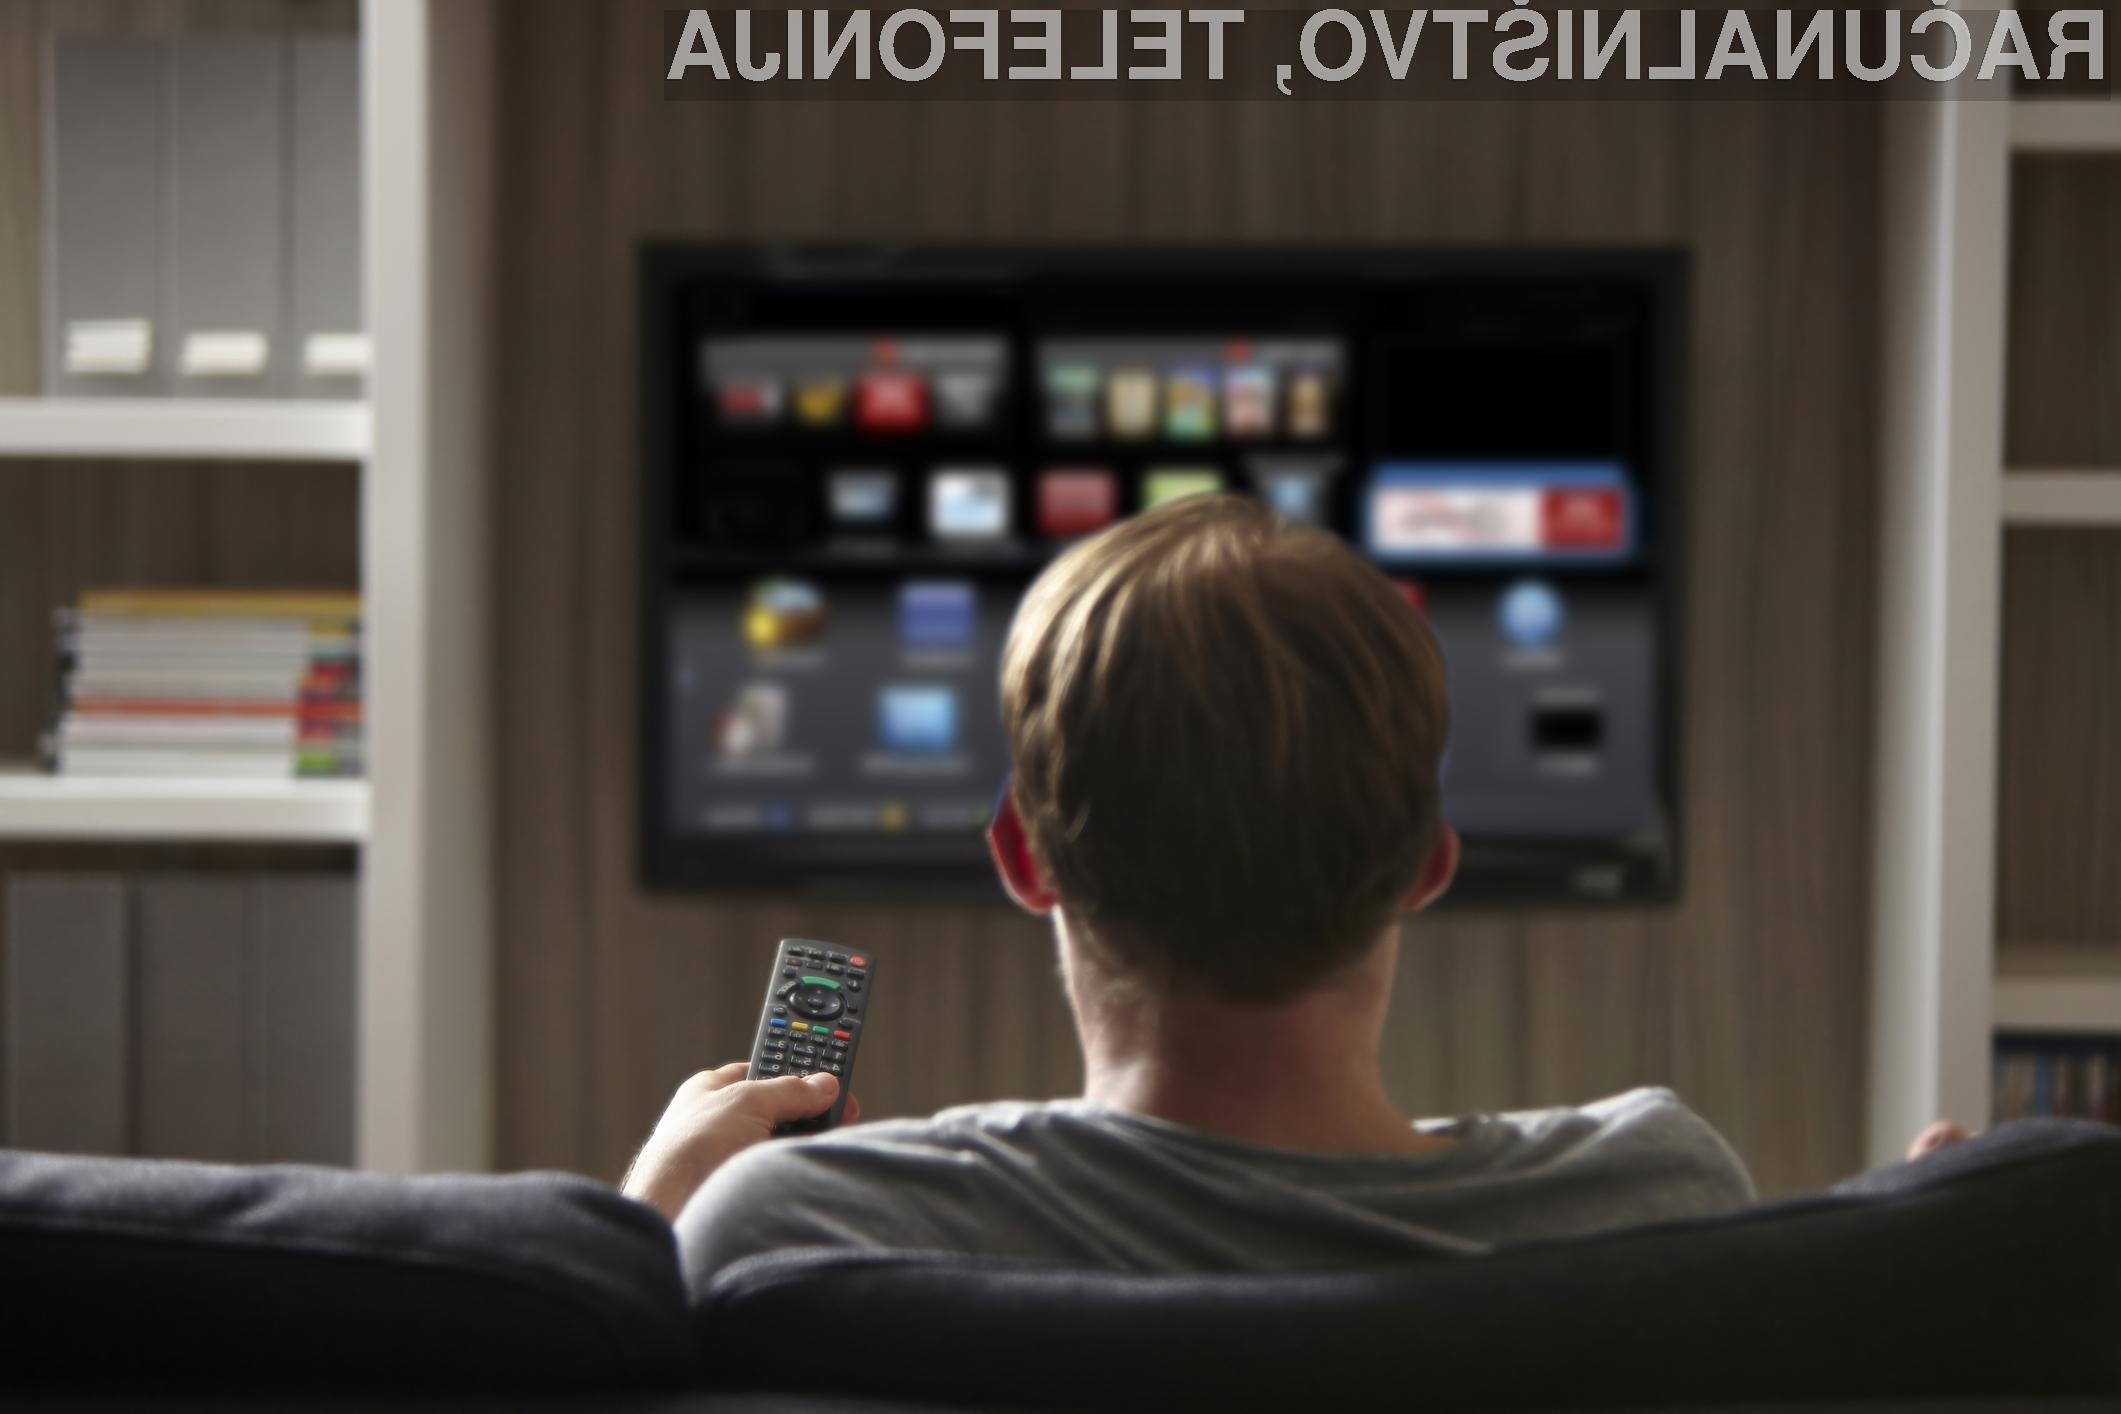 Pametni televizorji lahko zelo grobo posežejo v našo zasebnost!